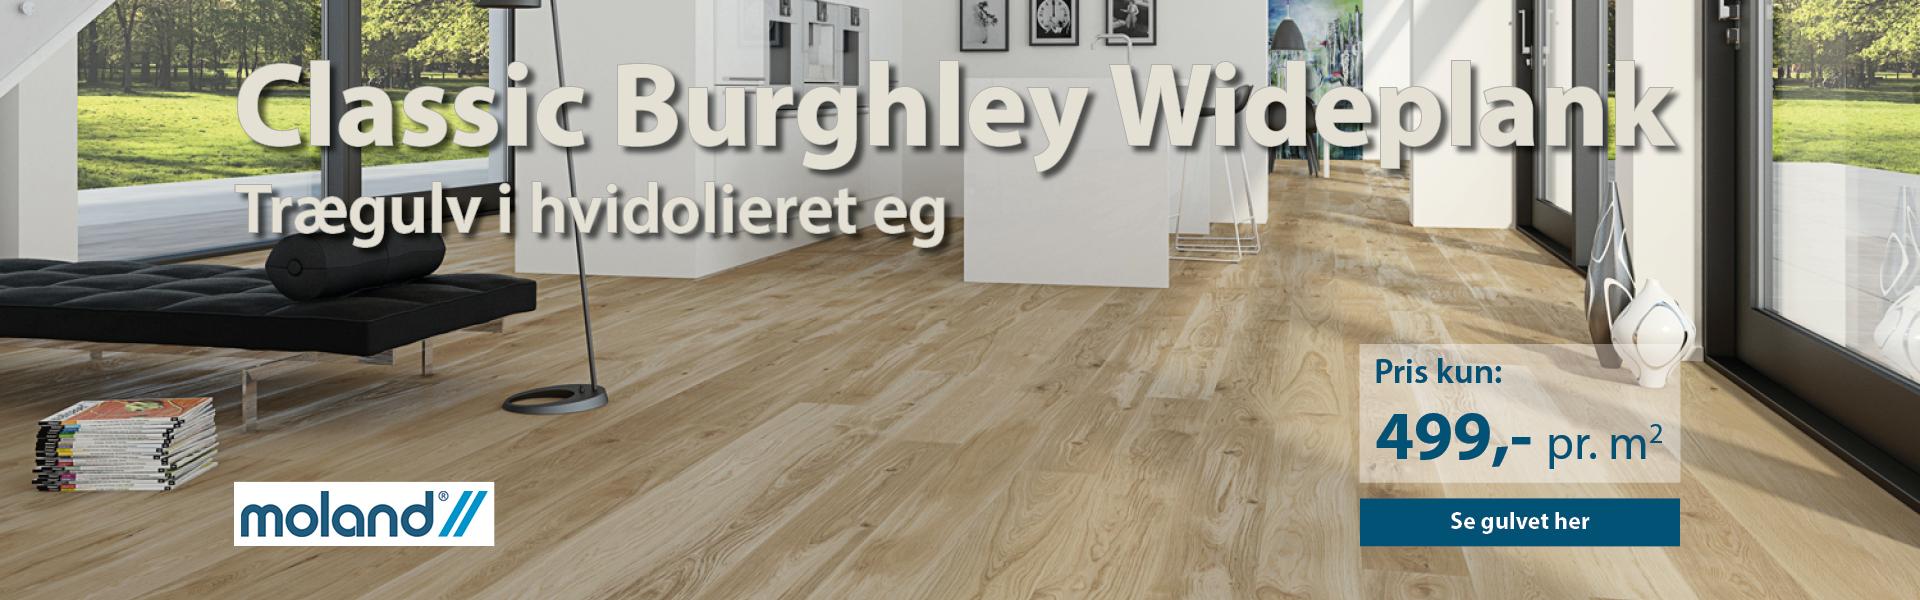 Moland_Burghley_gulv_Netbyggemarked